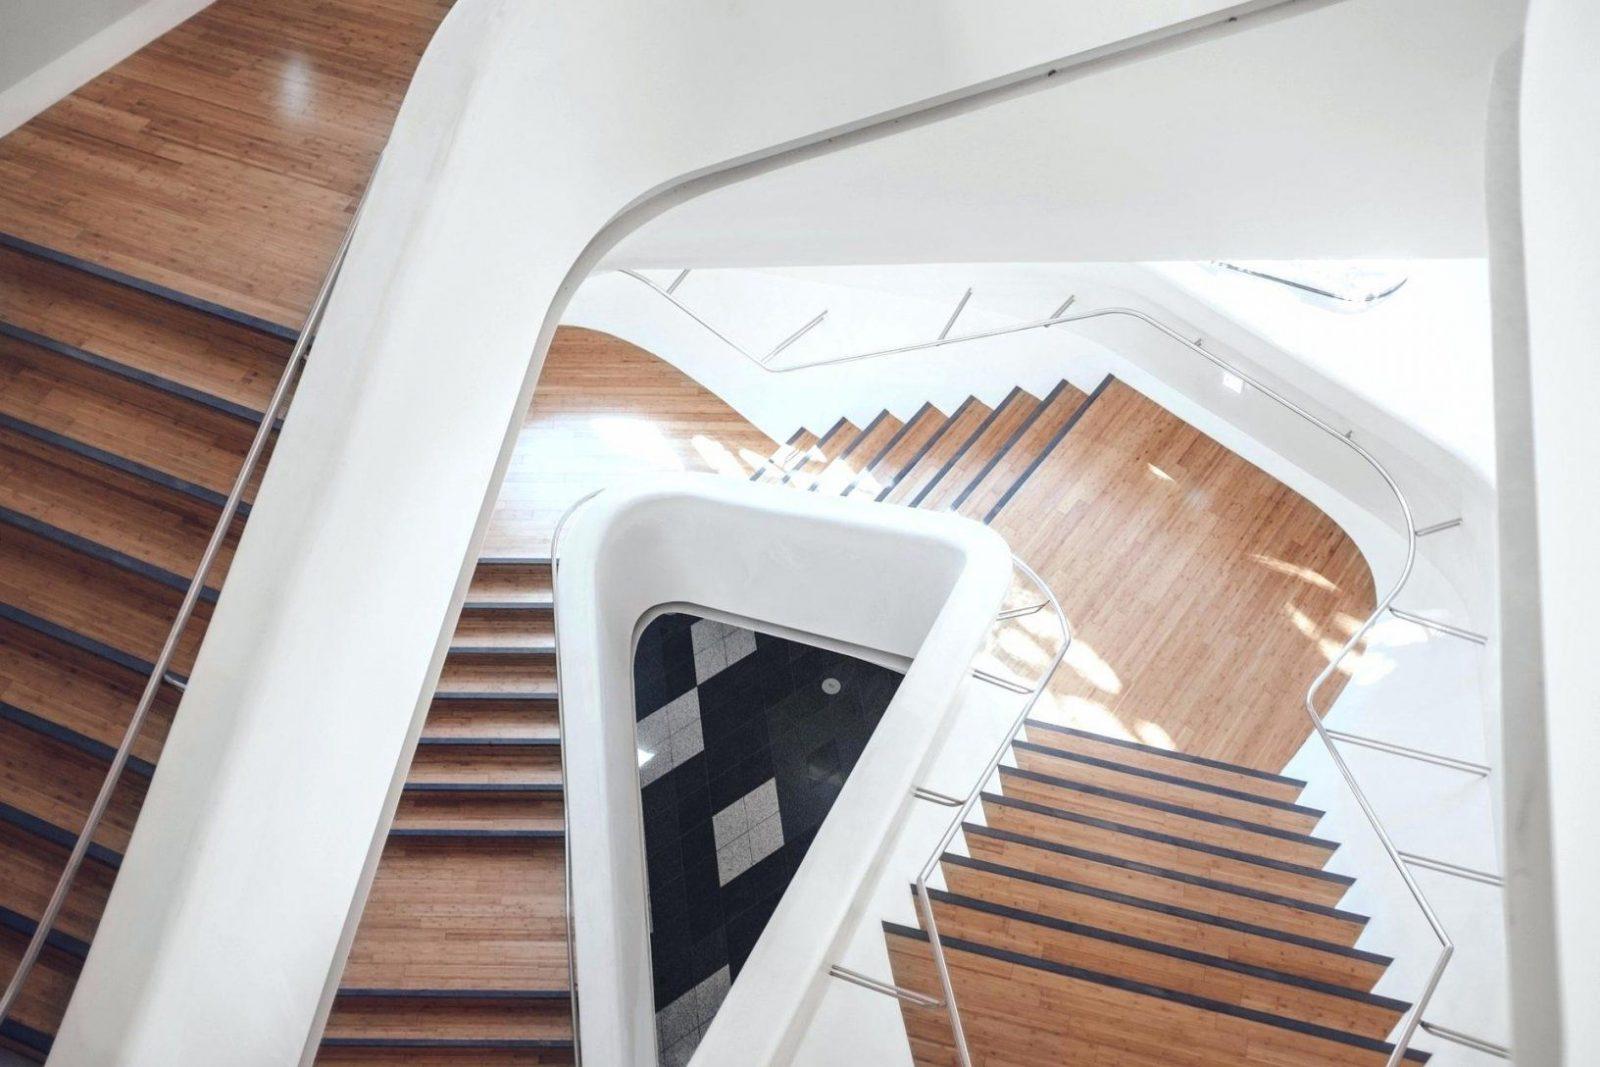 Kosten Treppe Granit Treppenstufen Treppensanierung Portas von Treppen Aus Polen Kosten Photo